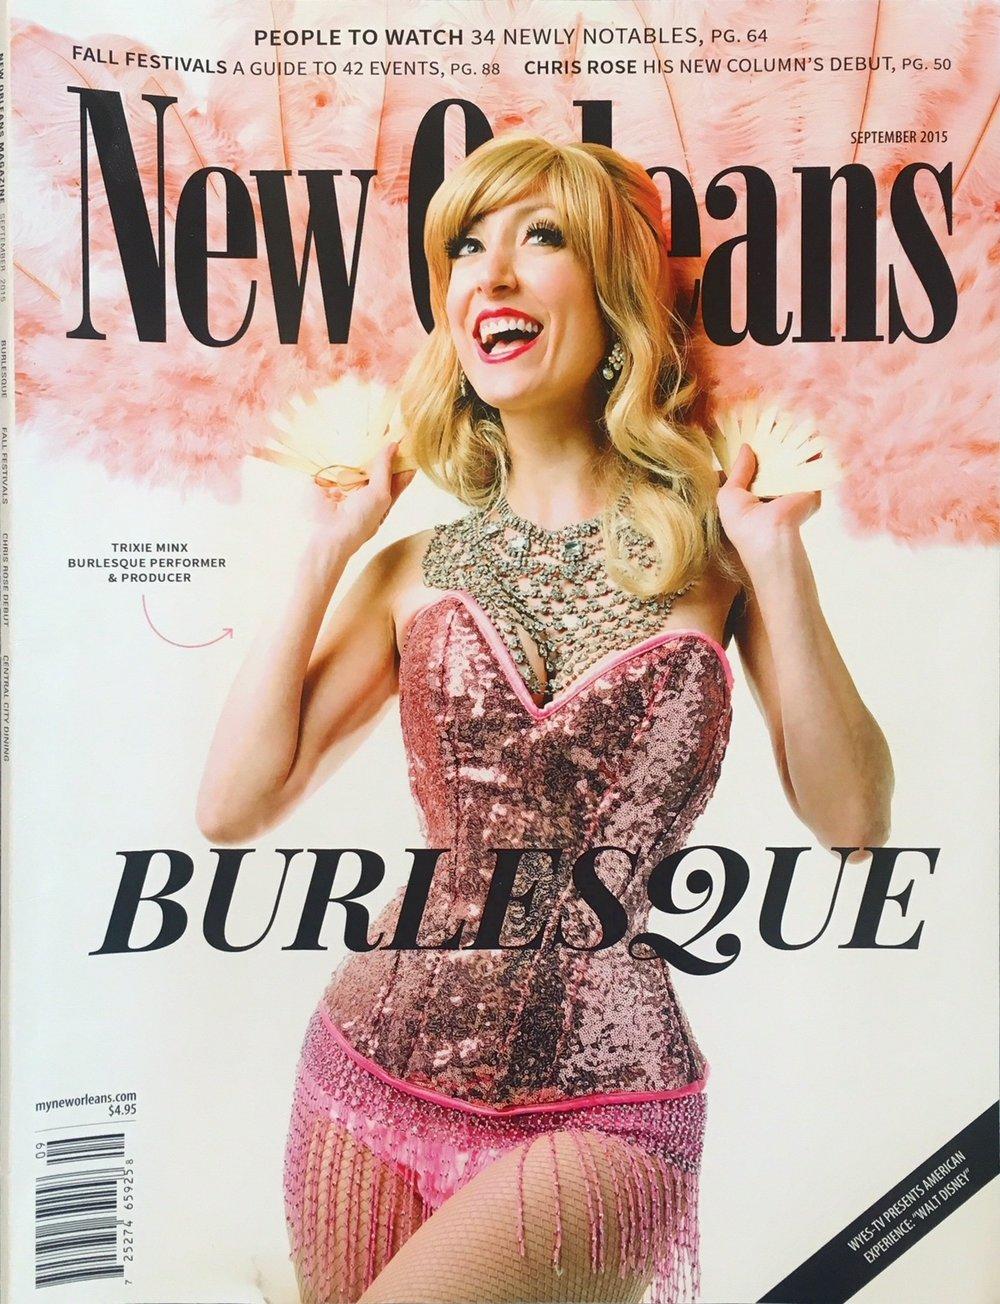 New Orleans cover.jpg